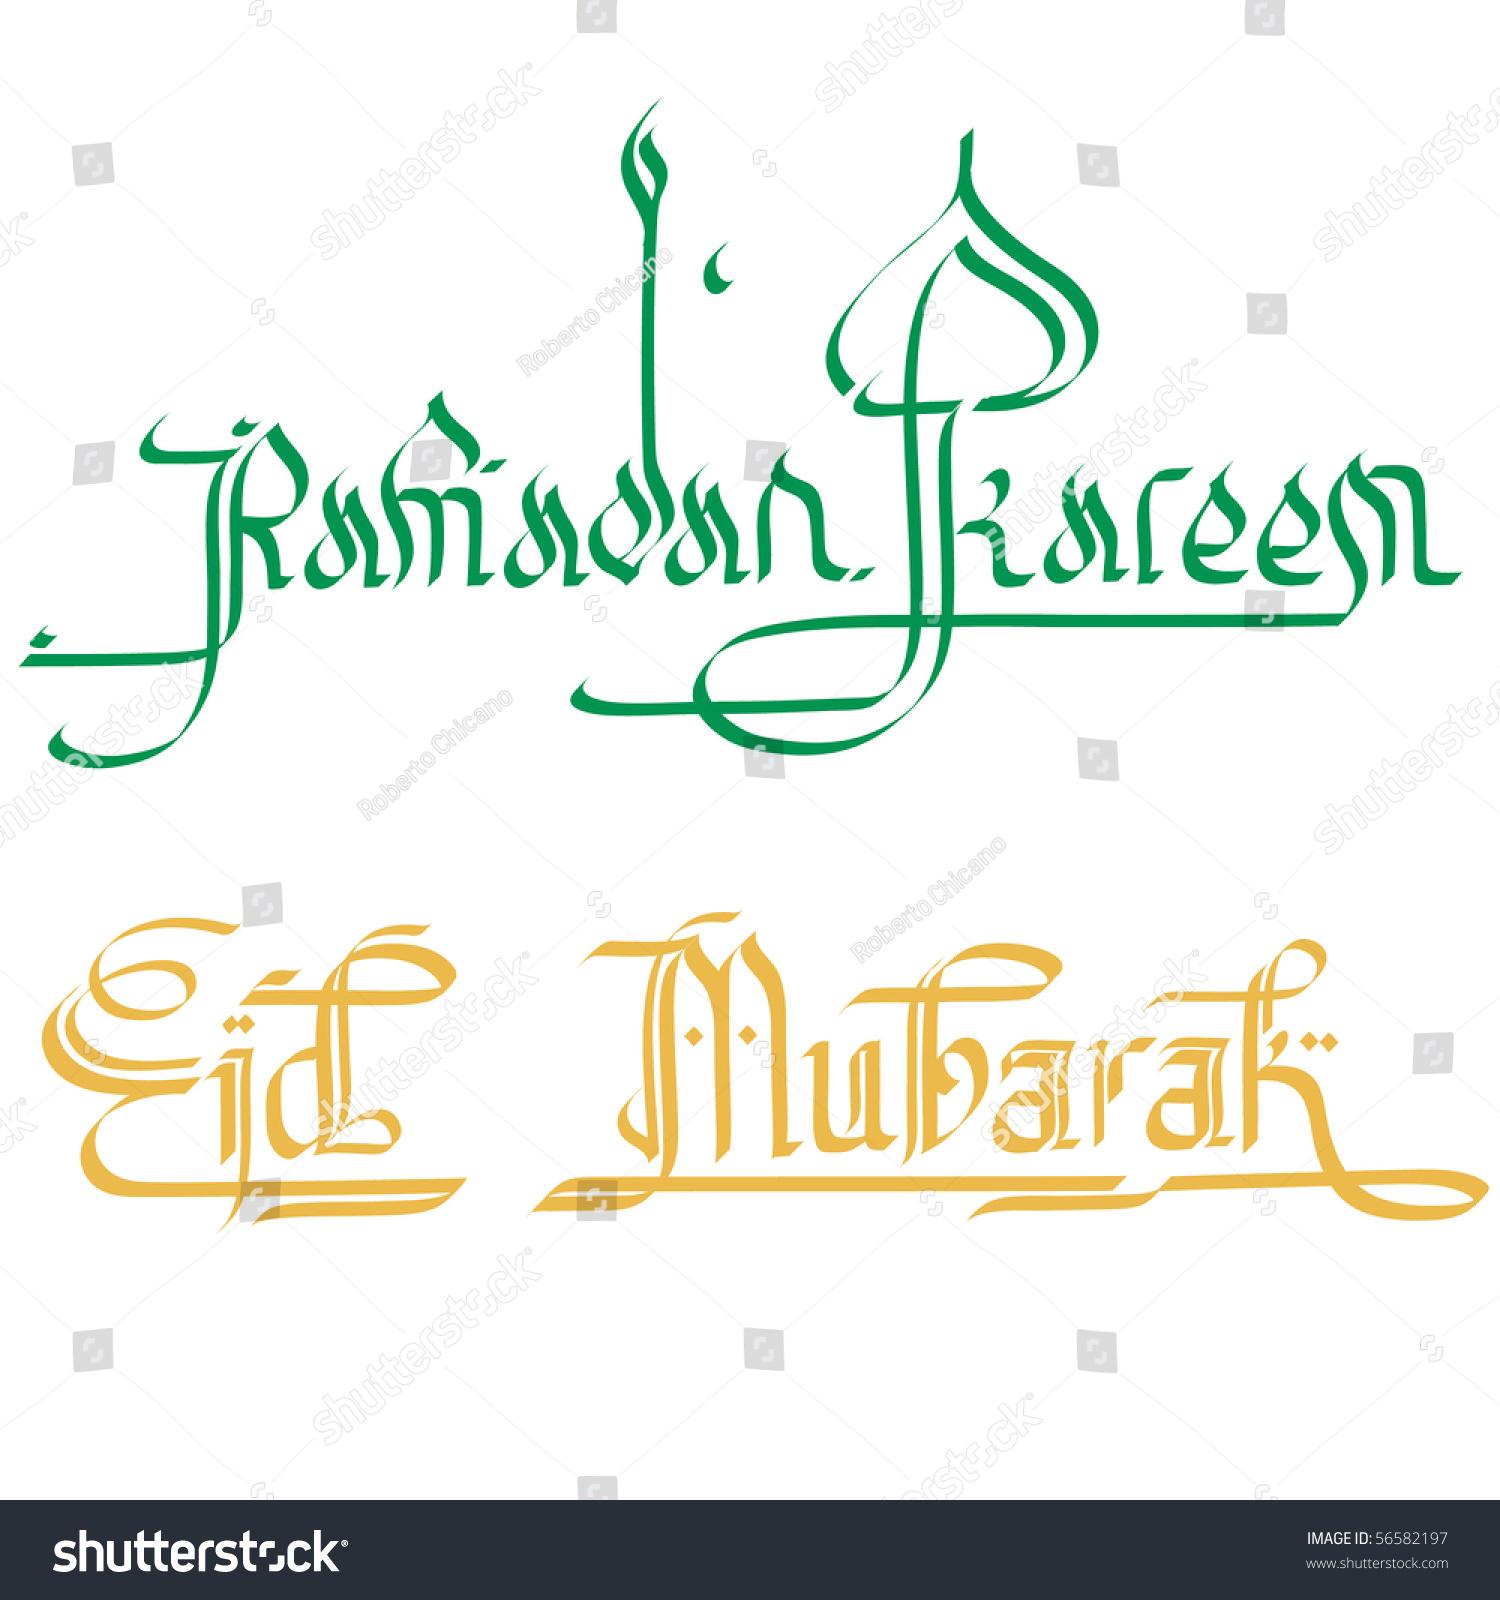 Ramadan greetings stylish english calligraphy stock vector 56582197 ramadan greetings in stylish english calligraphy kristyandbryce Images